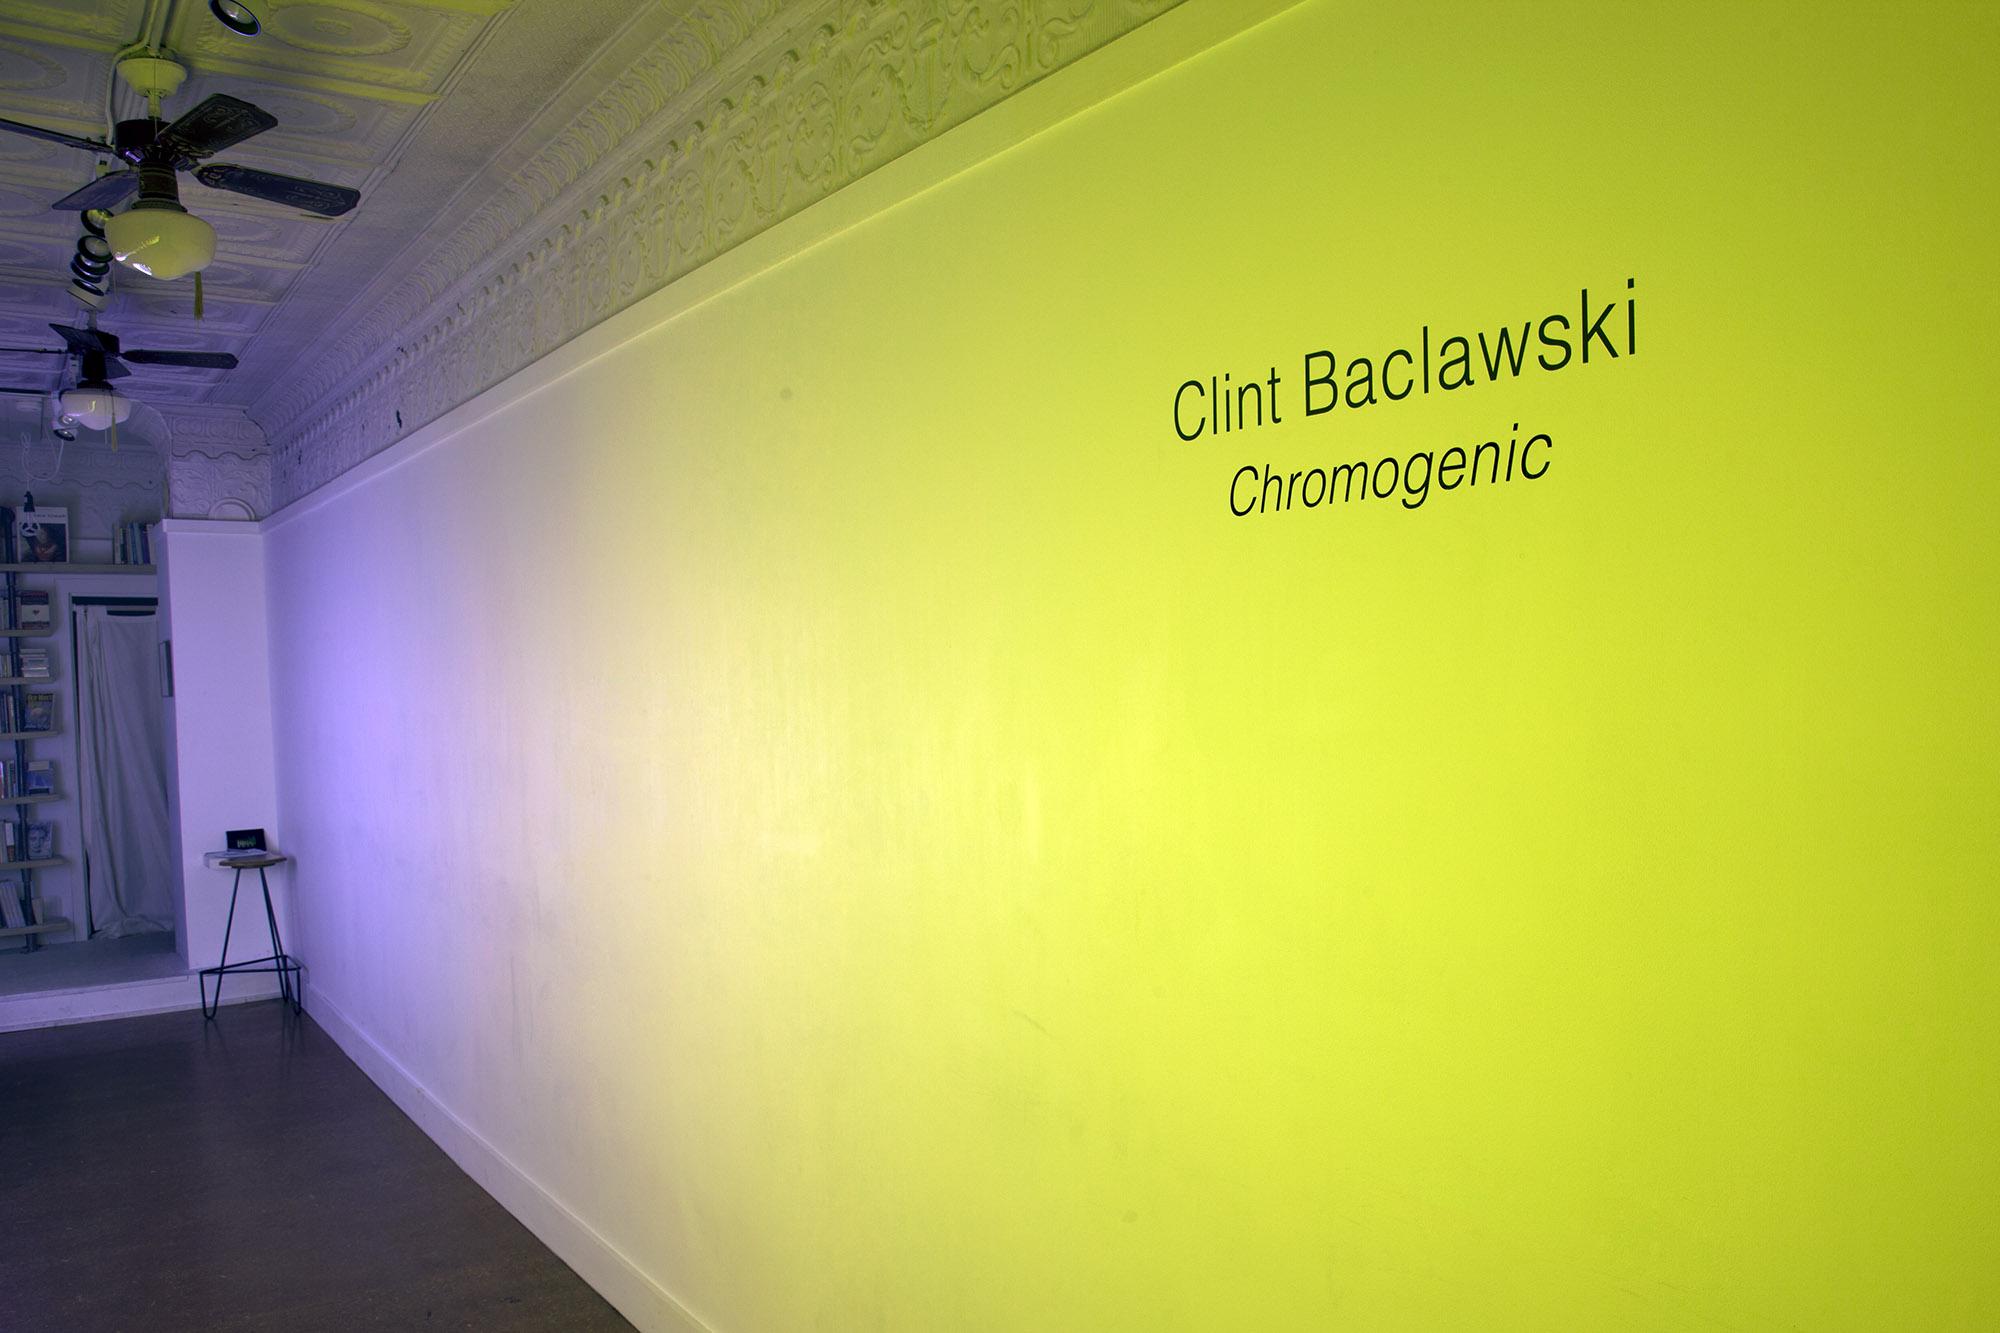 Baclawski_Hallway_01.jpg